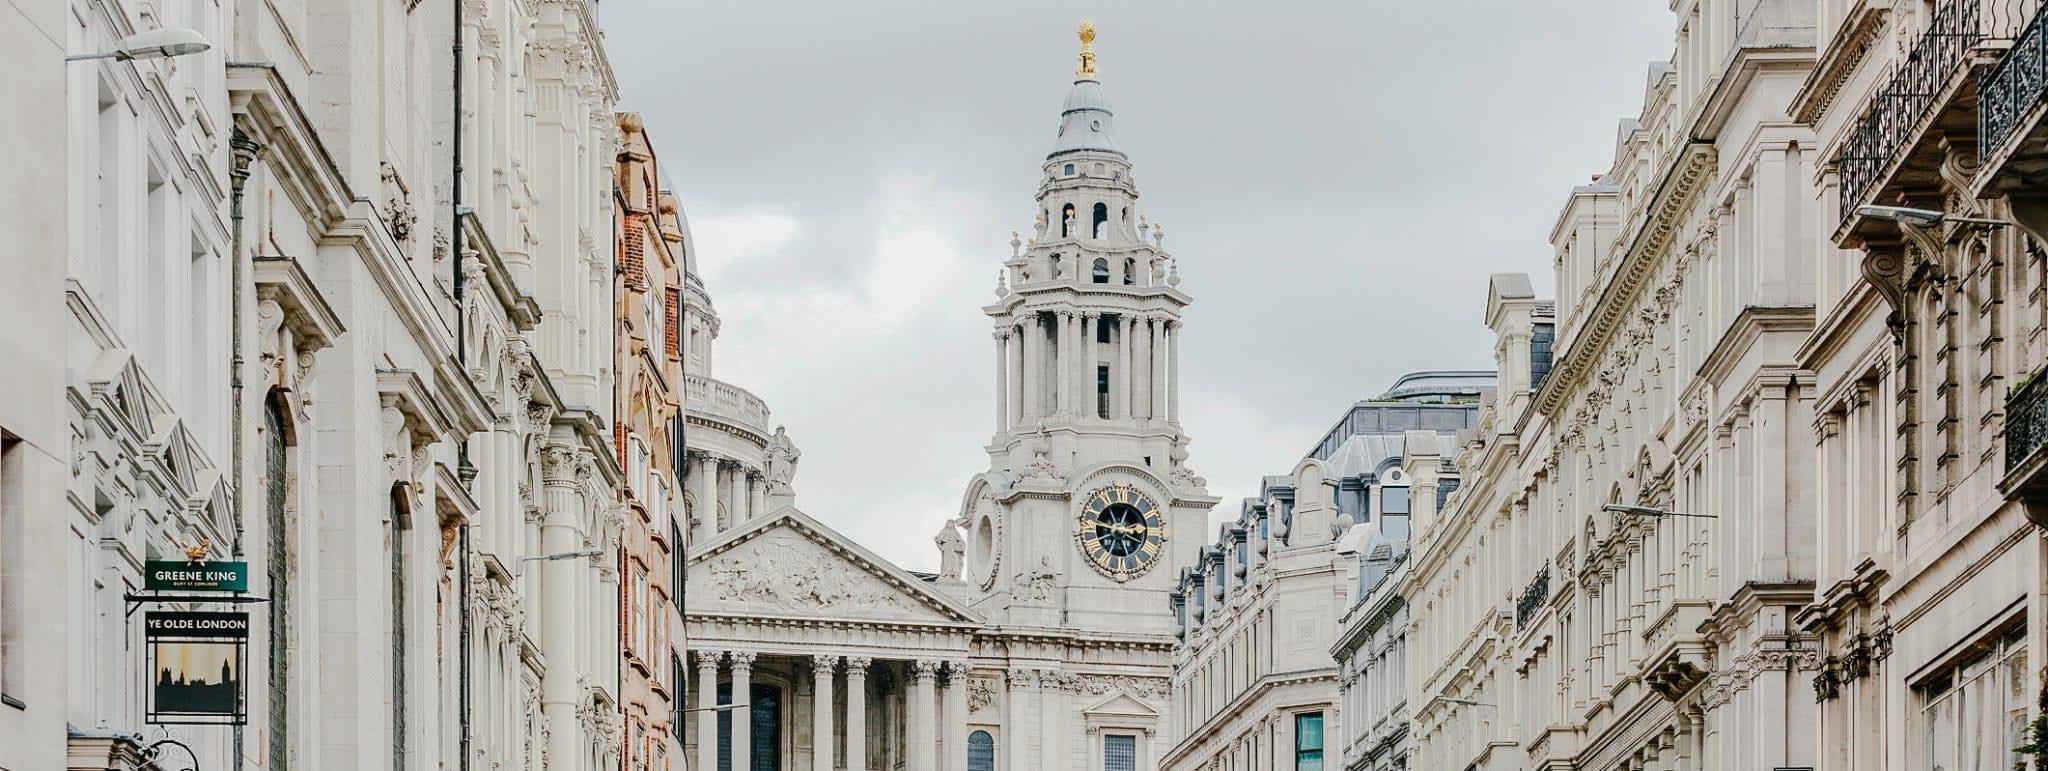 United Kingdom featured image